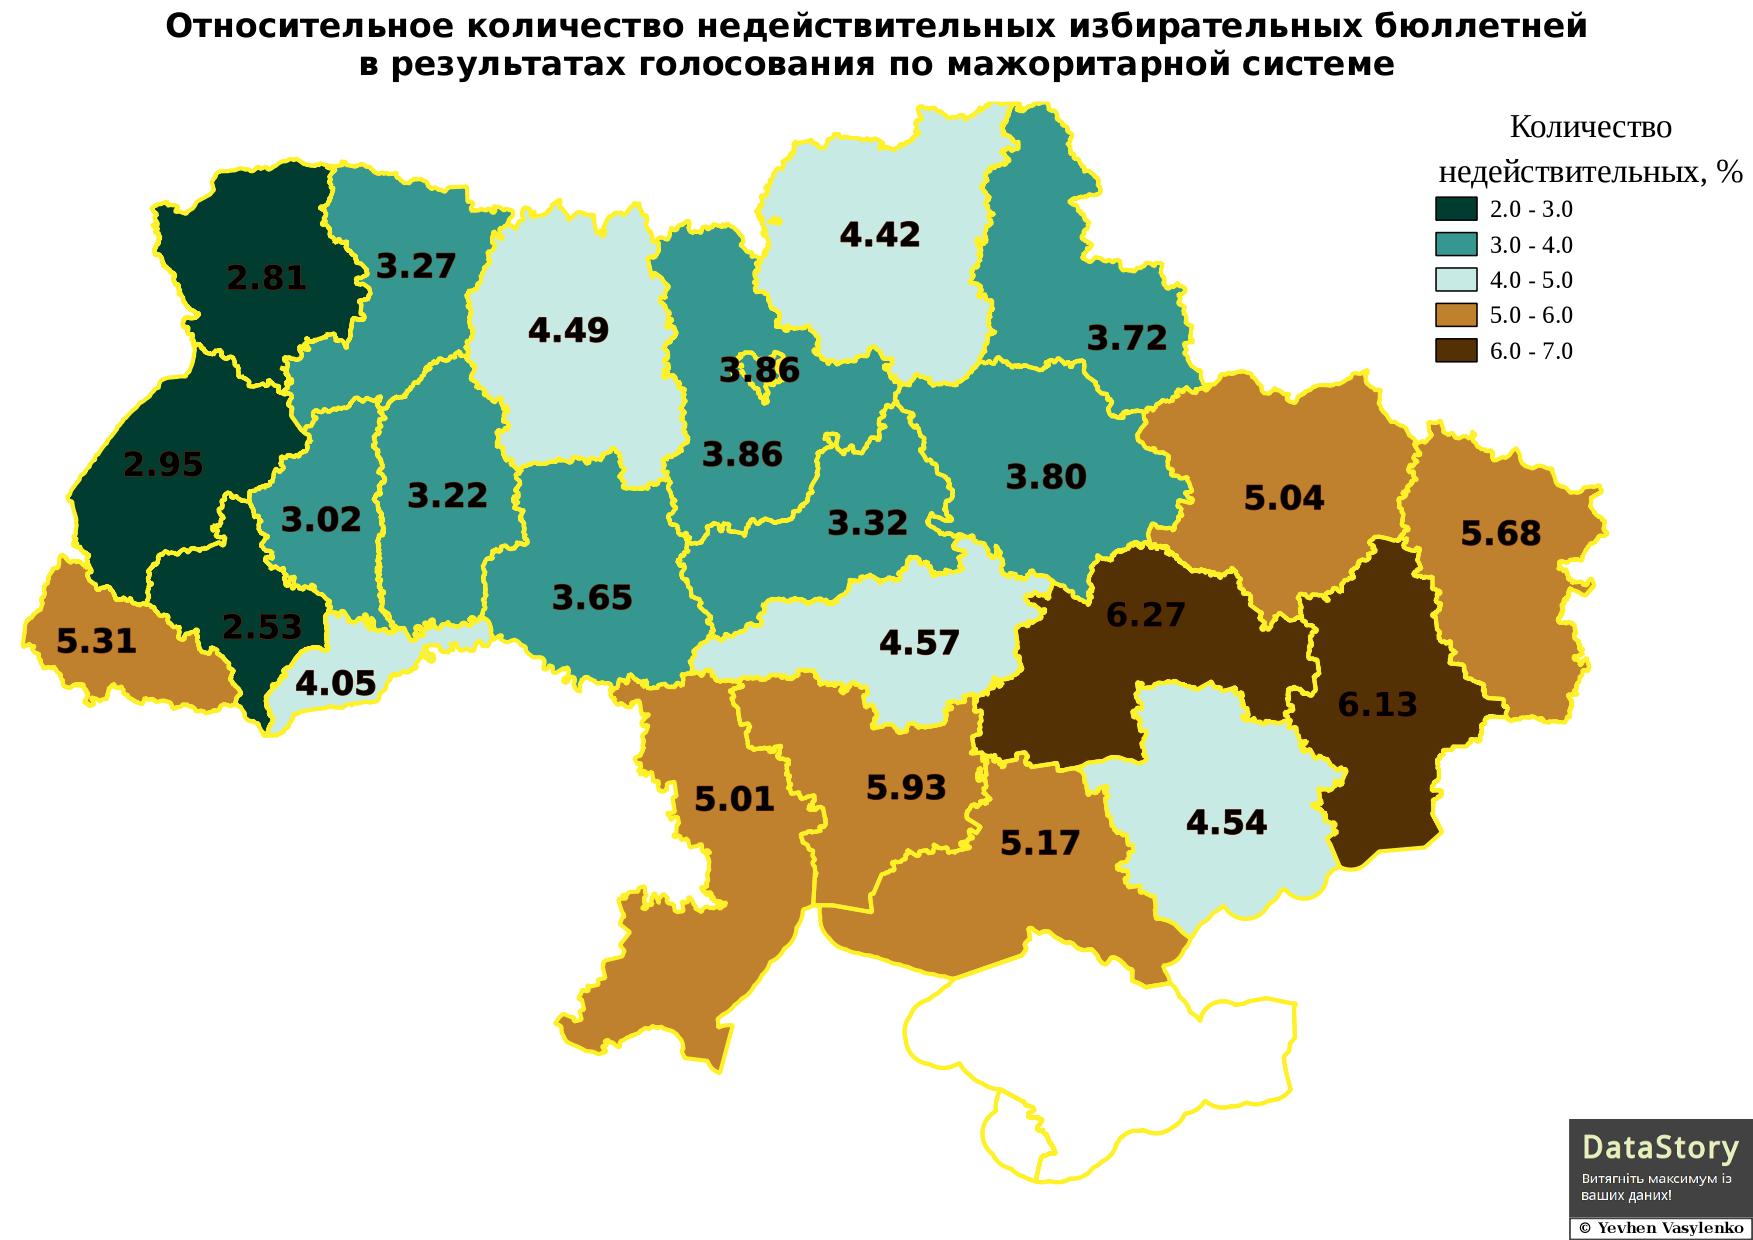 Относительное количество недействительных избирательных бюллетней в результатах голосования по мажоритарной системе